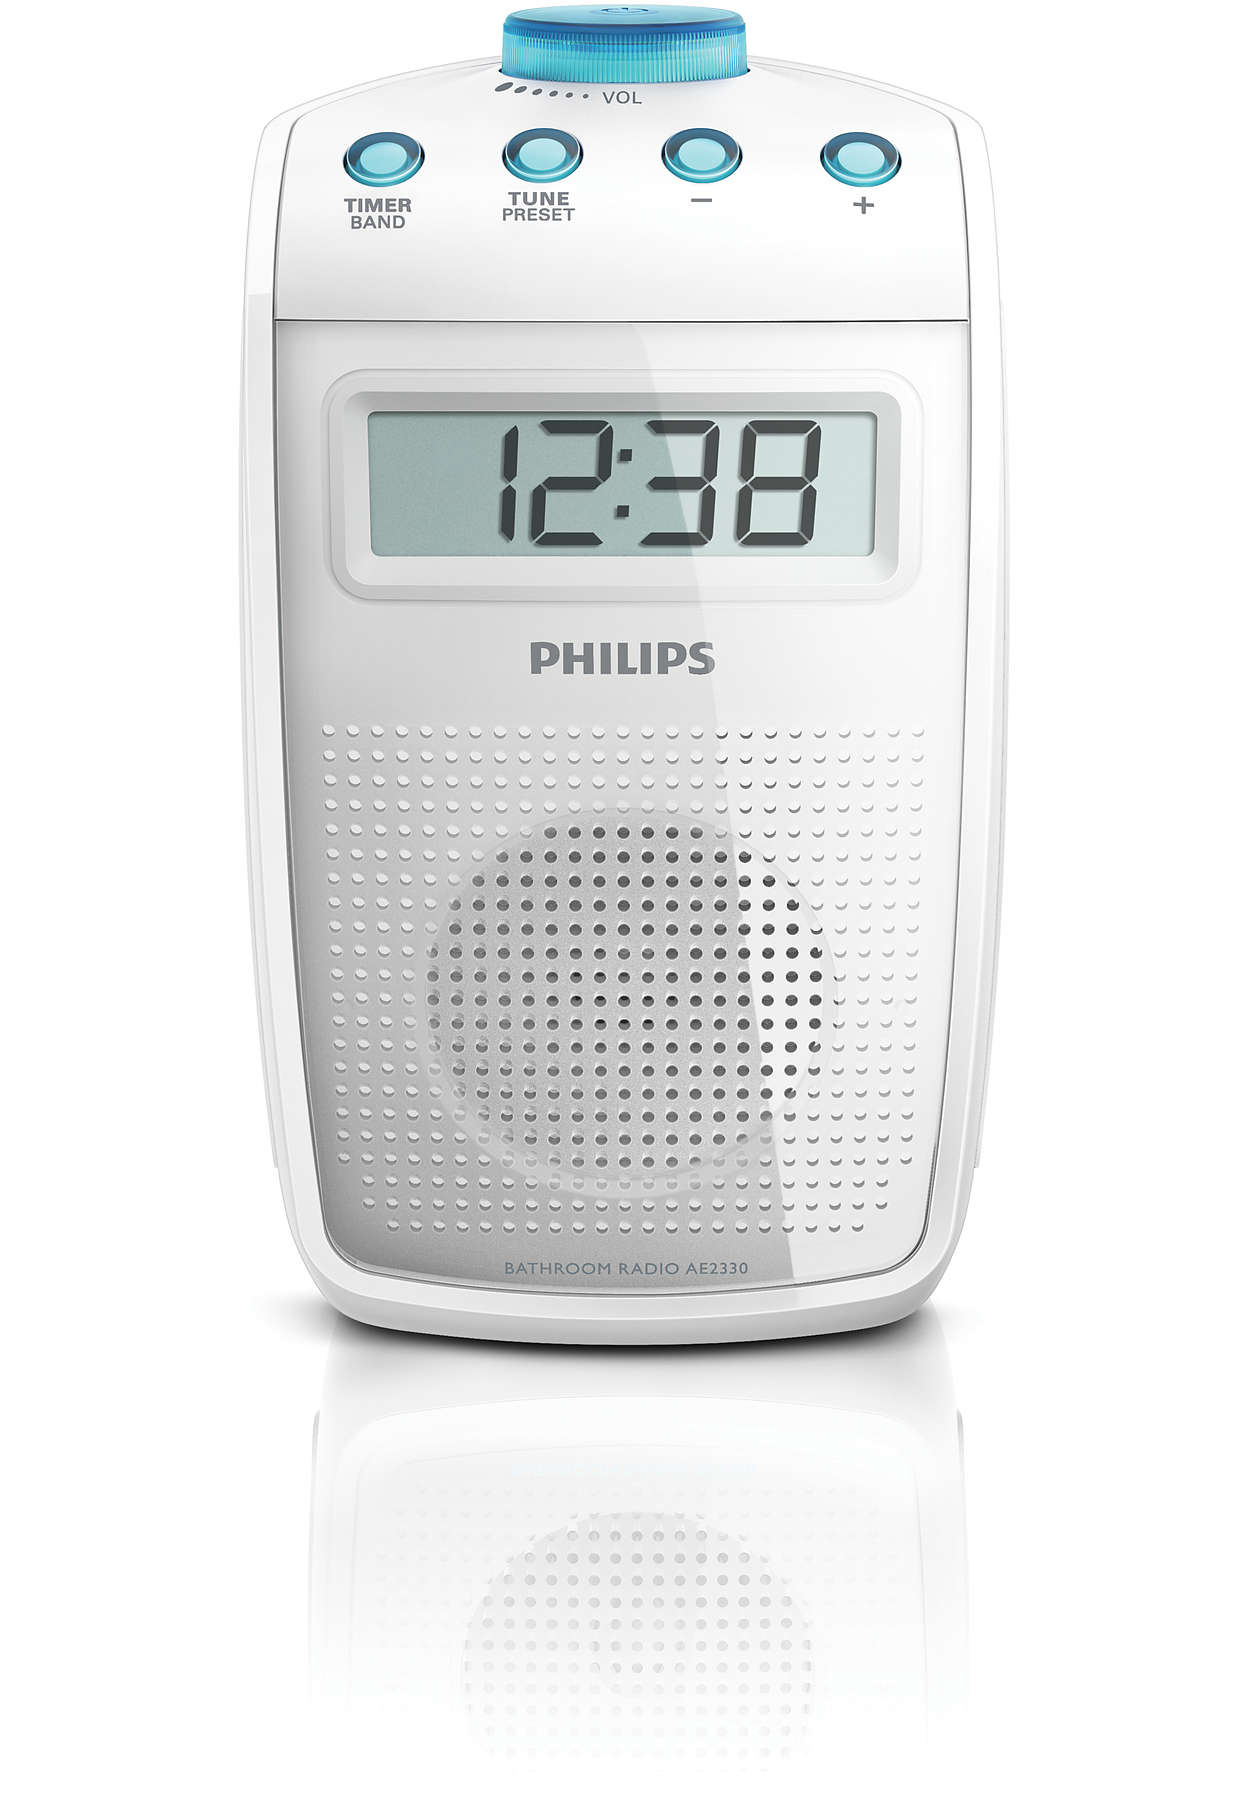 Badezimmer Radio AE20/20   Philips